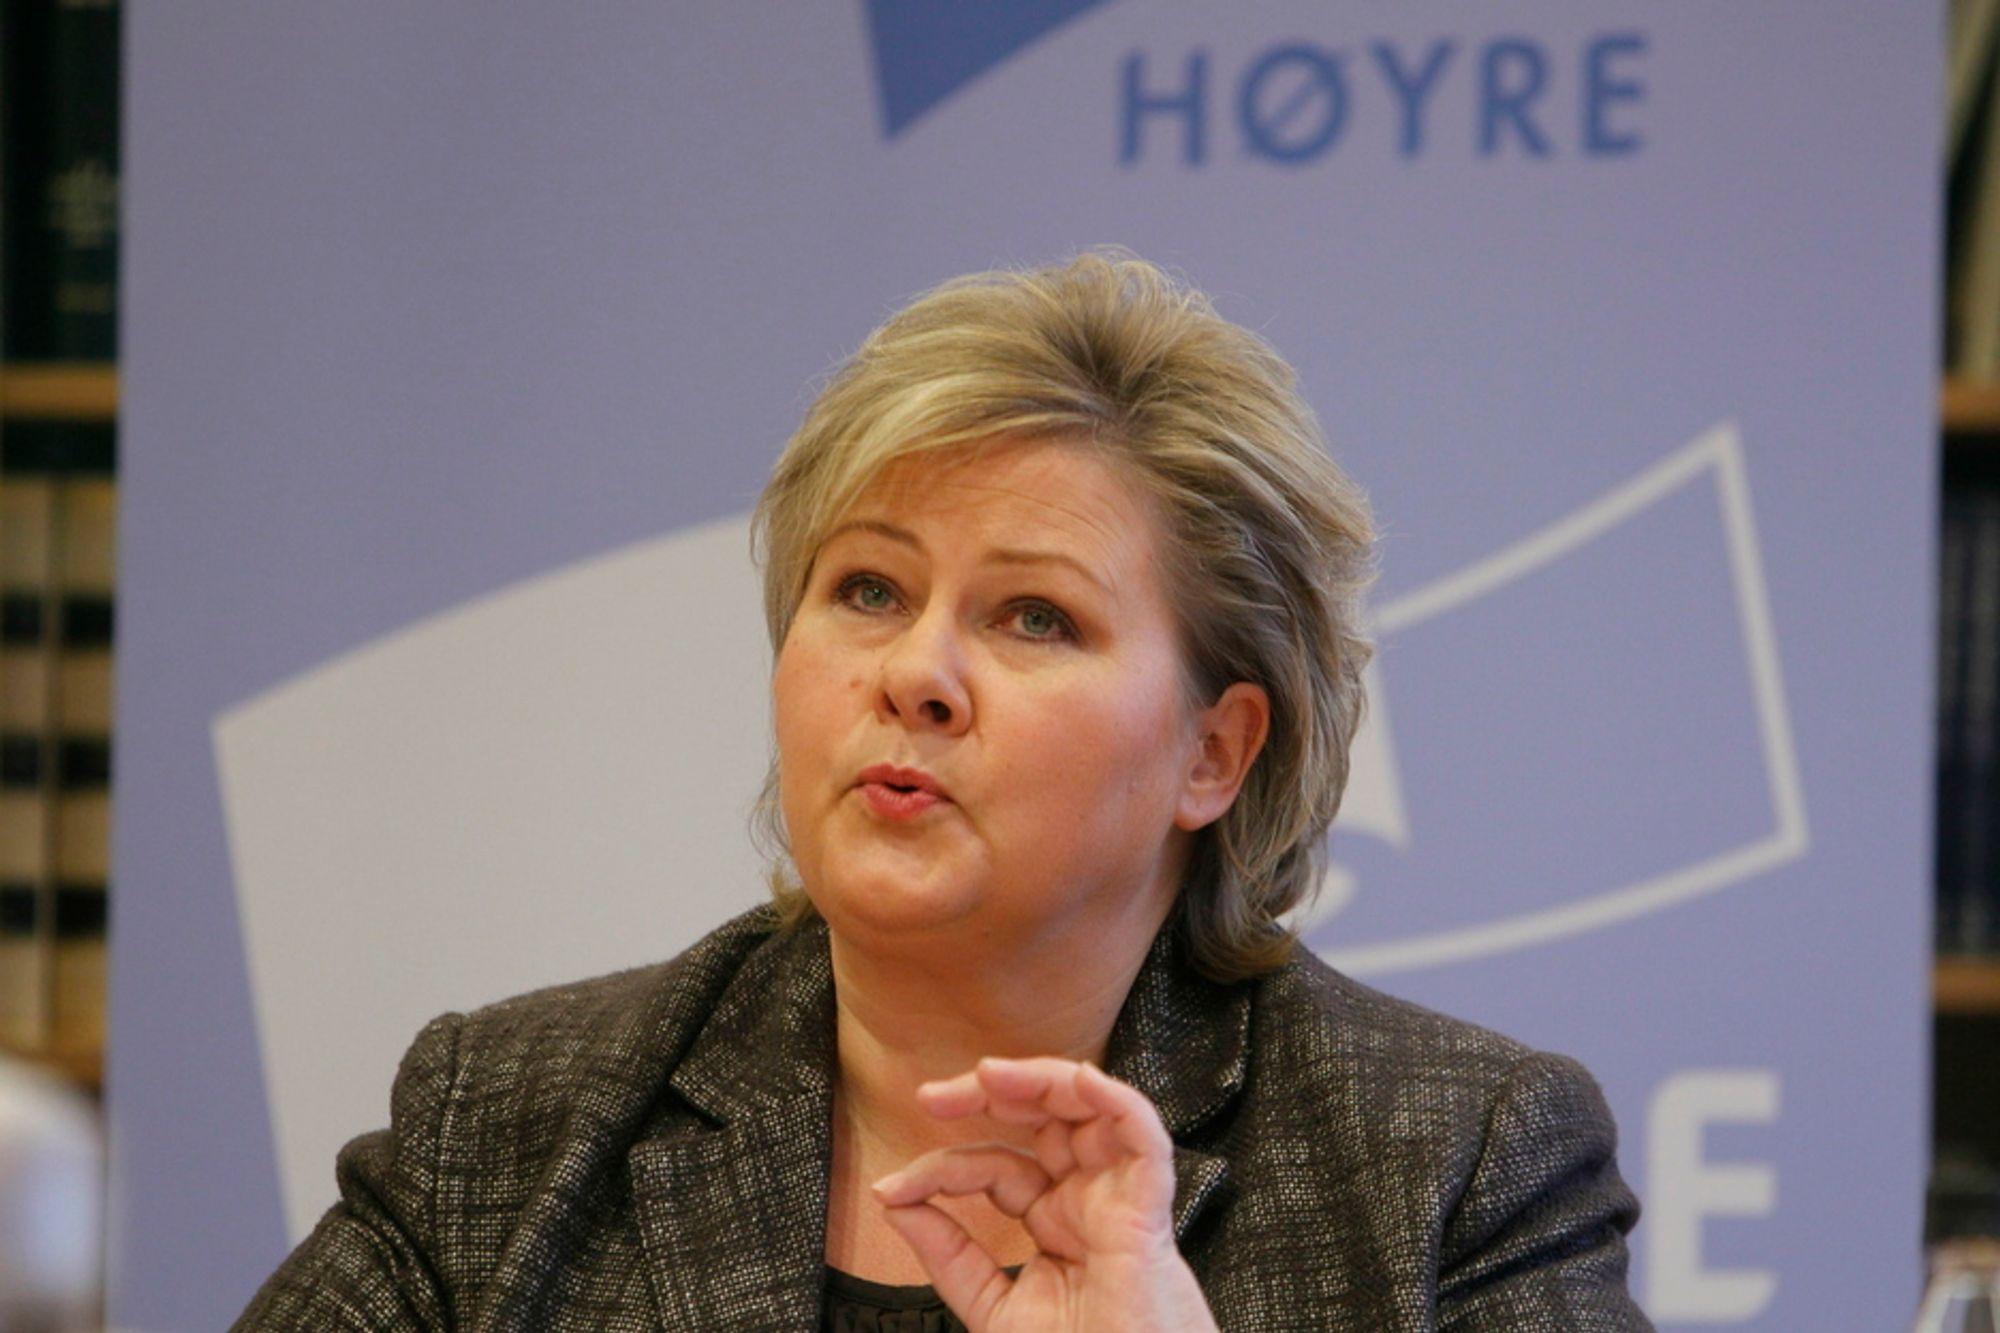 Høyre sier nei til avgiftsøkning på alkohol. En avgiftsøkning vil ikke ha noe helseeffekt, men bare bidra til handelslekkasje, smugling og økt tax-free-handel, mener Høyre. Leder i Høyre, Erna Solberg, presenterer partiets alternative statsbudsjett torsdag.